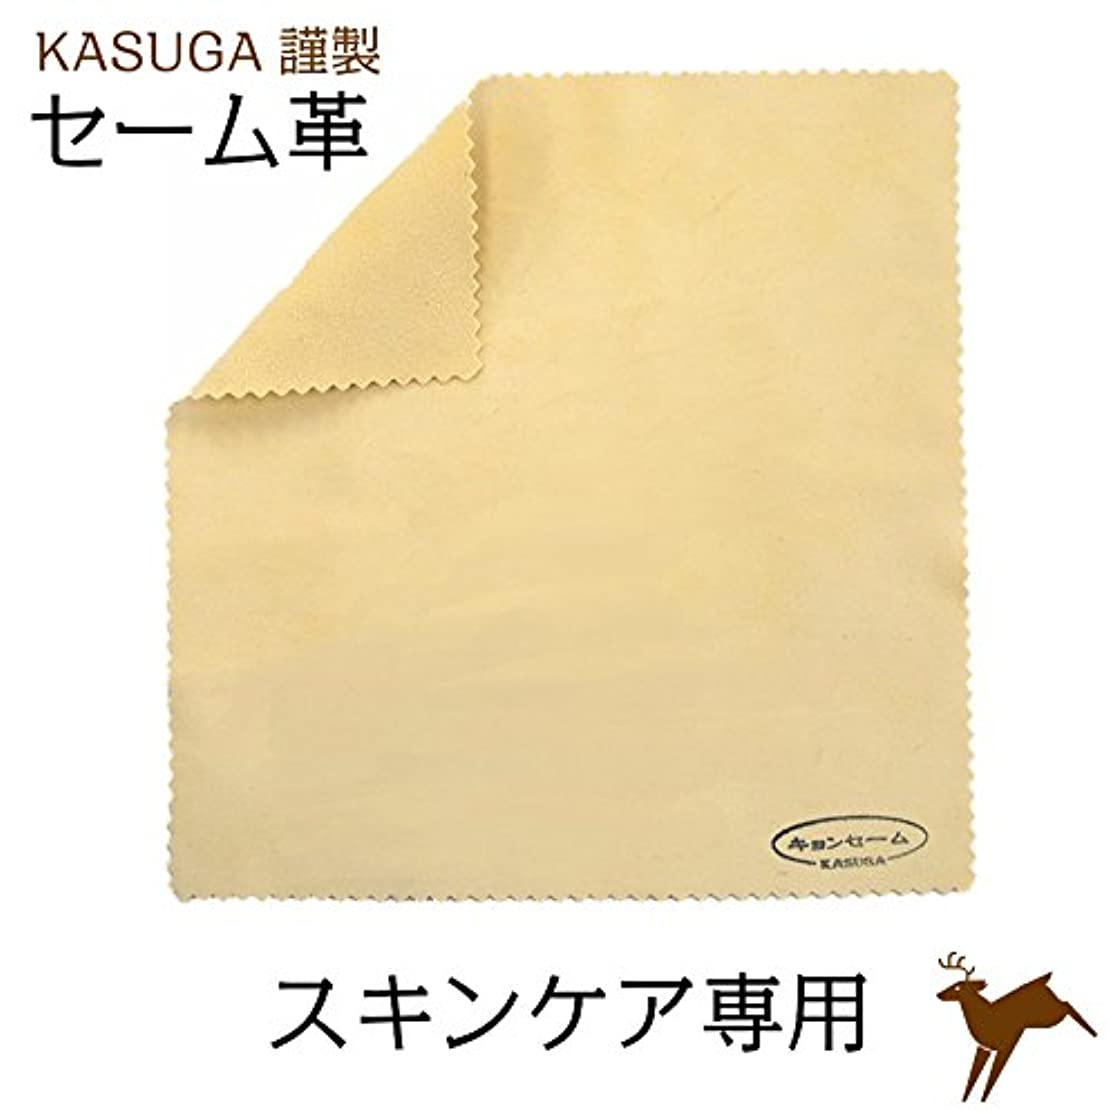 調整書くではごきげんよう春日カスガ謹製 スキンケア専用キョンセーム革 20cm×20cm 3???